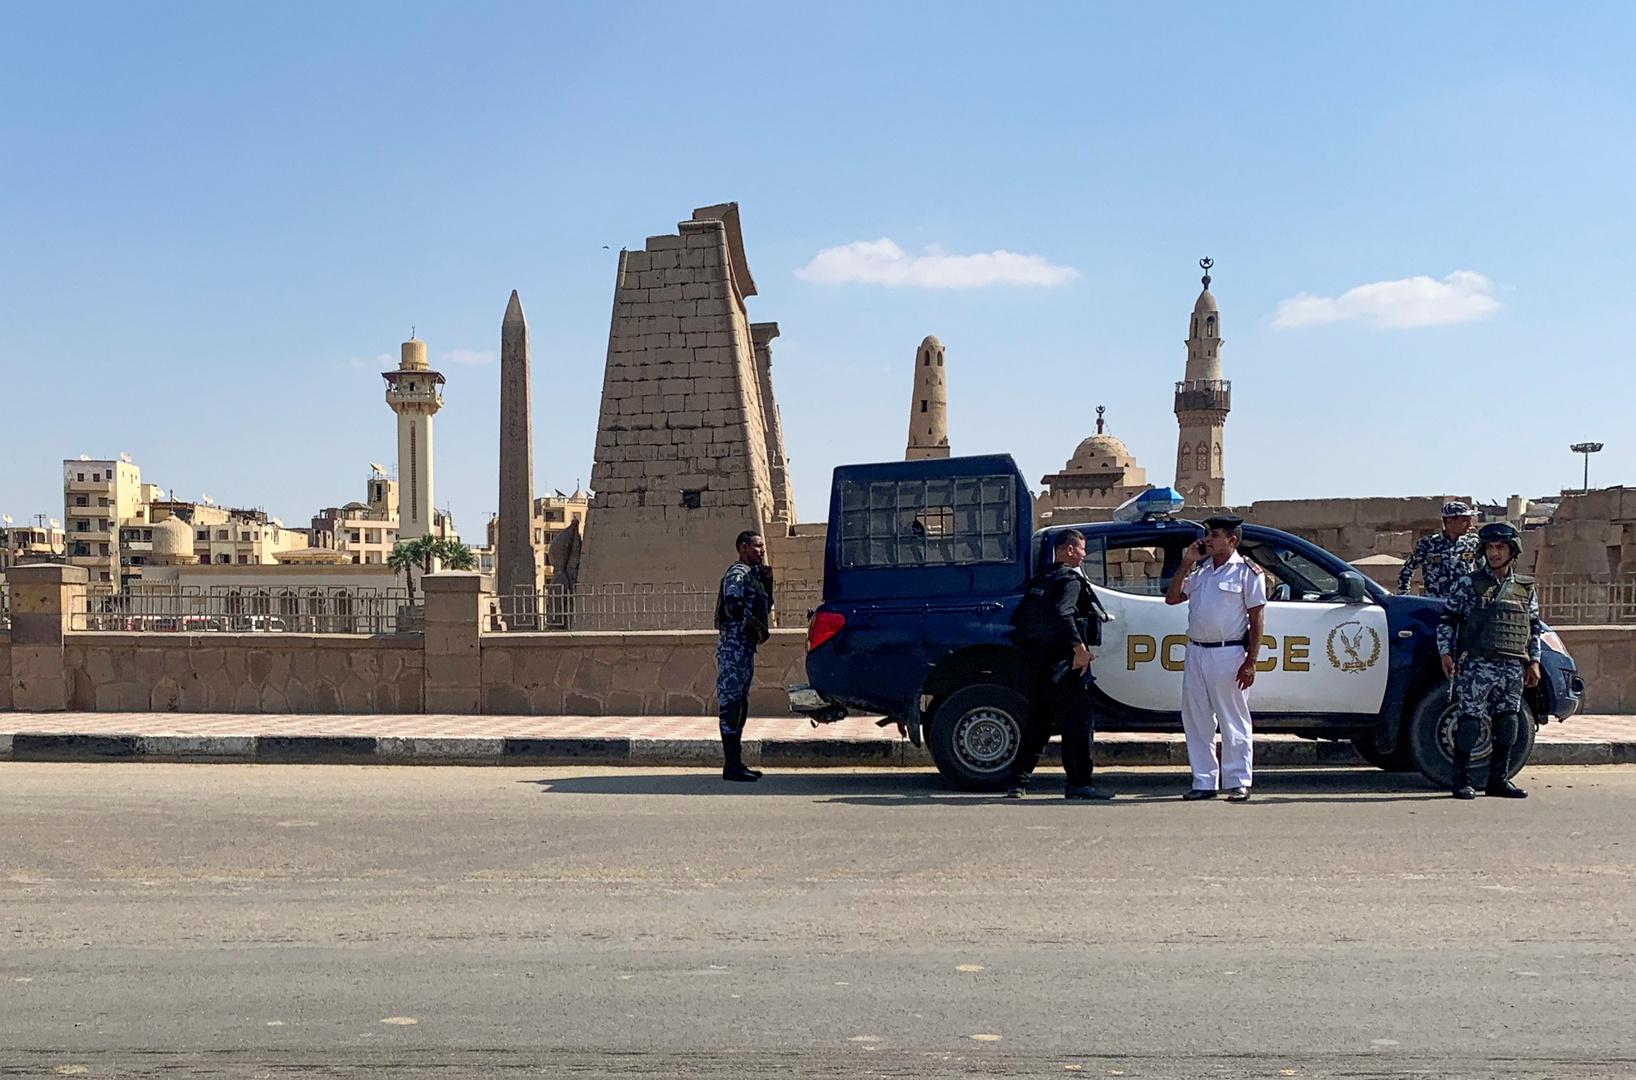 مصر.. ضبط شحنة هيروين بقيمة 96 ألف دولار في الإسماعيلية